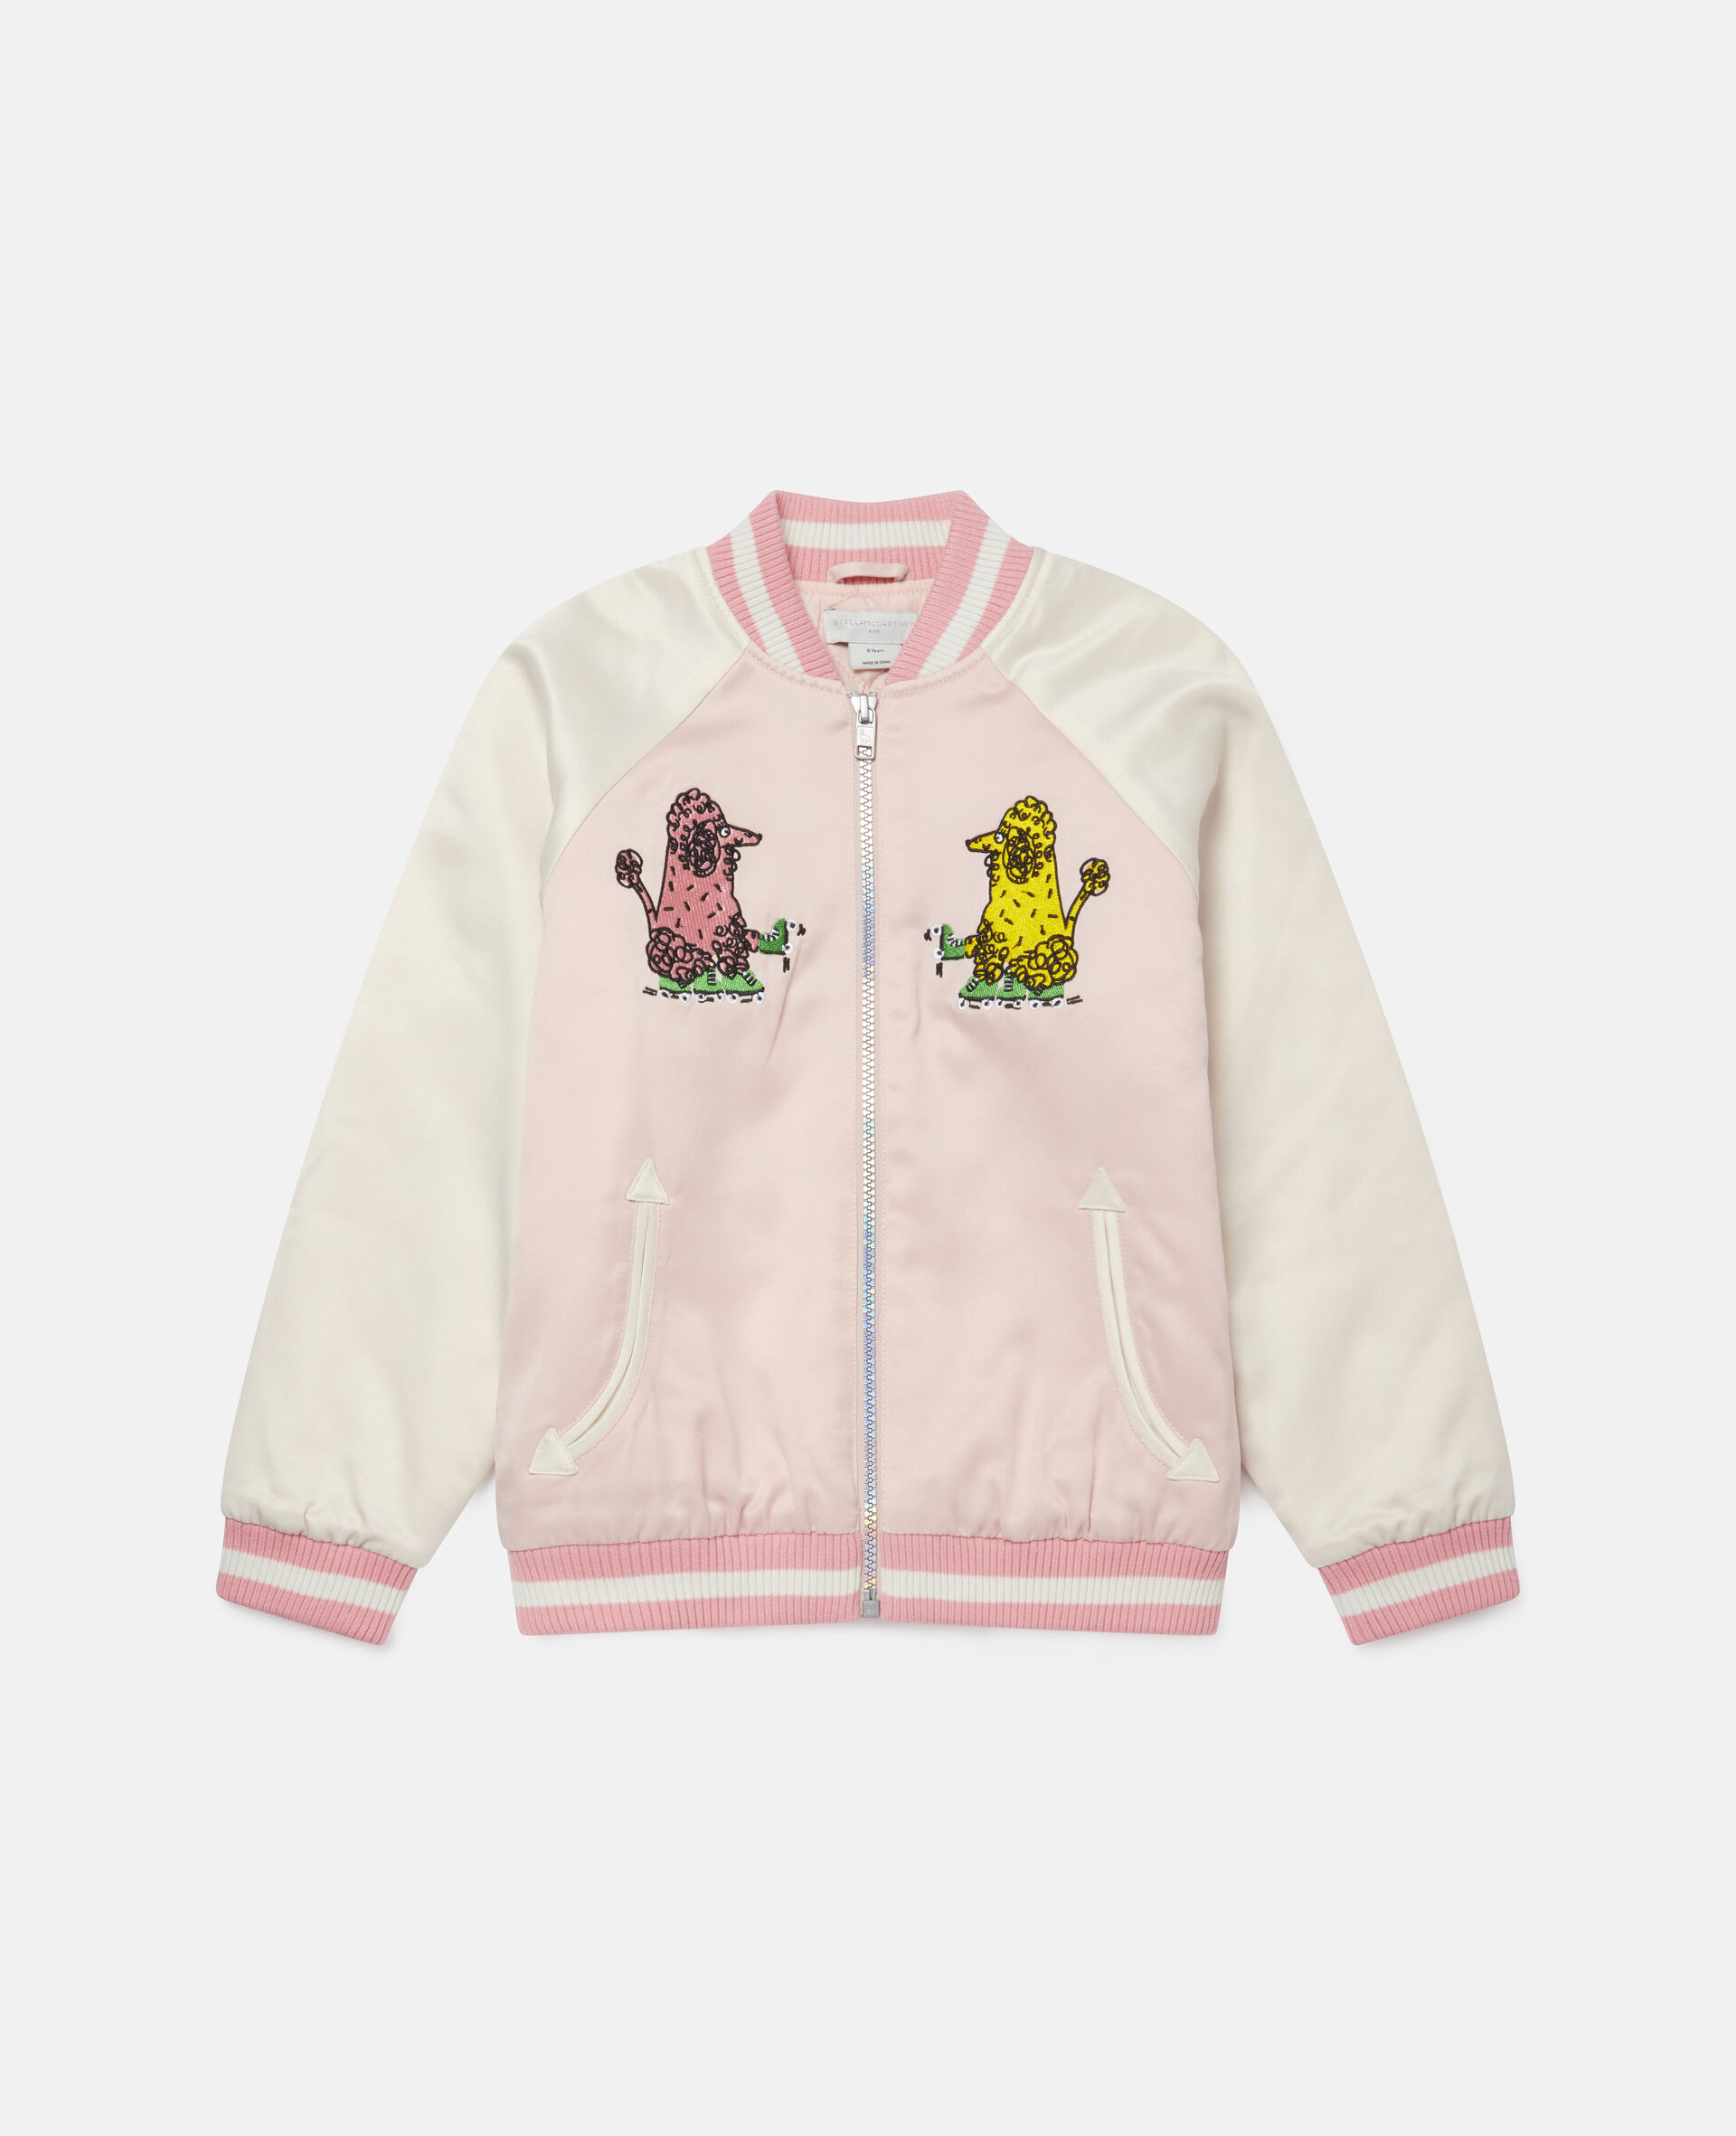 Embroidered Poodles Satin Jacket-Pink-large image number 0